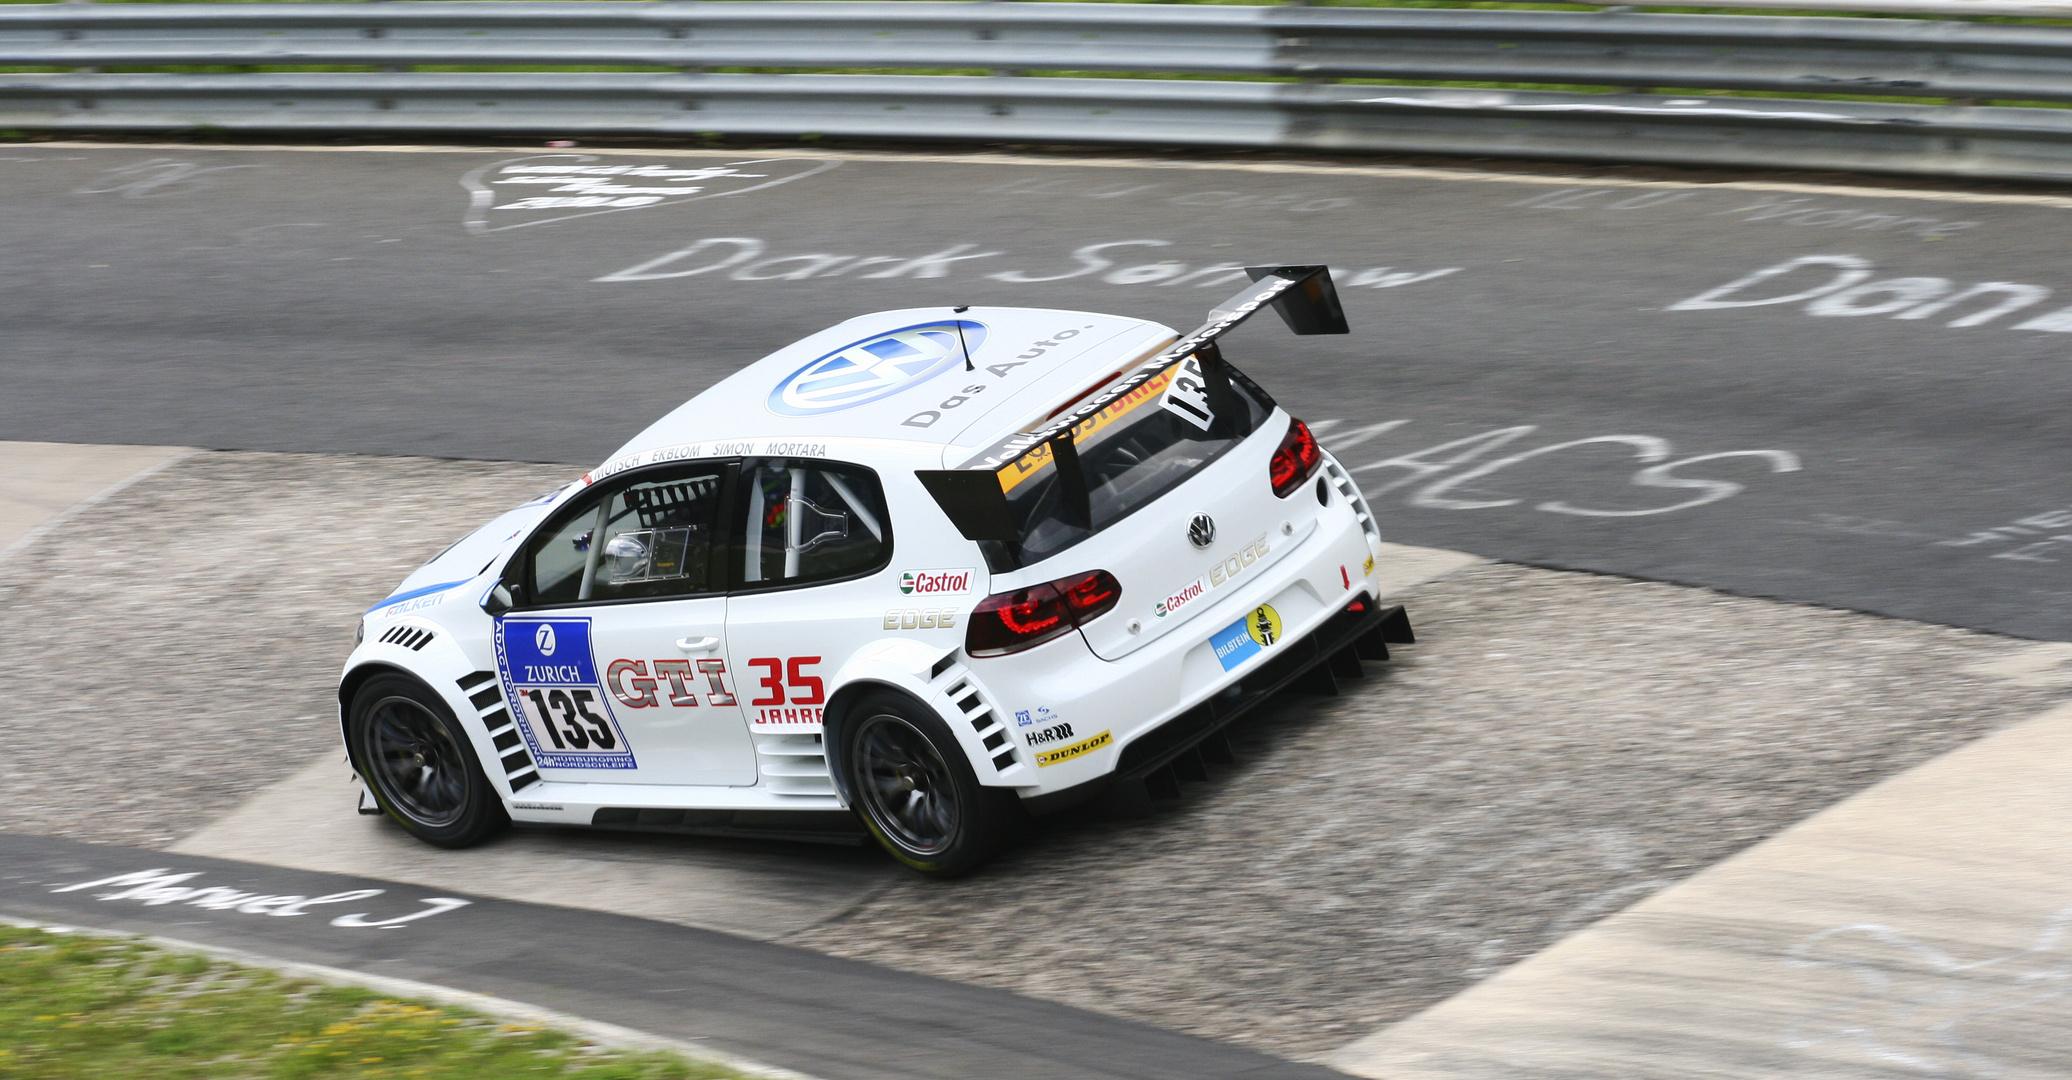 24h Nürburgring 2011 GOLF GTI 35